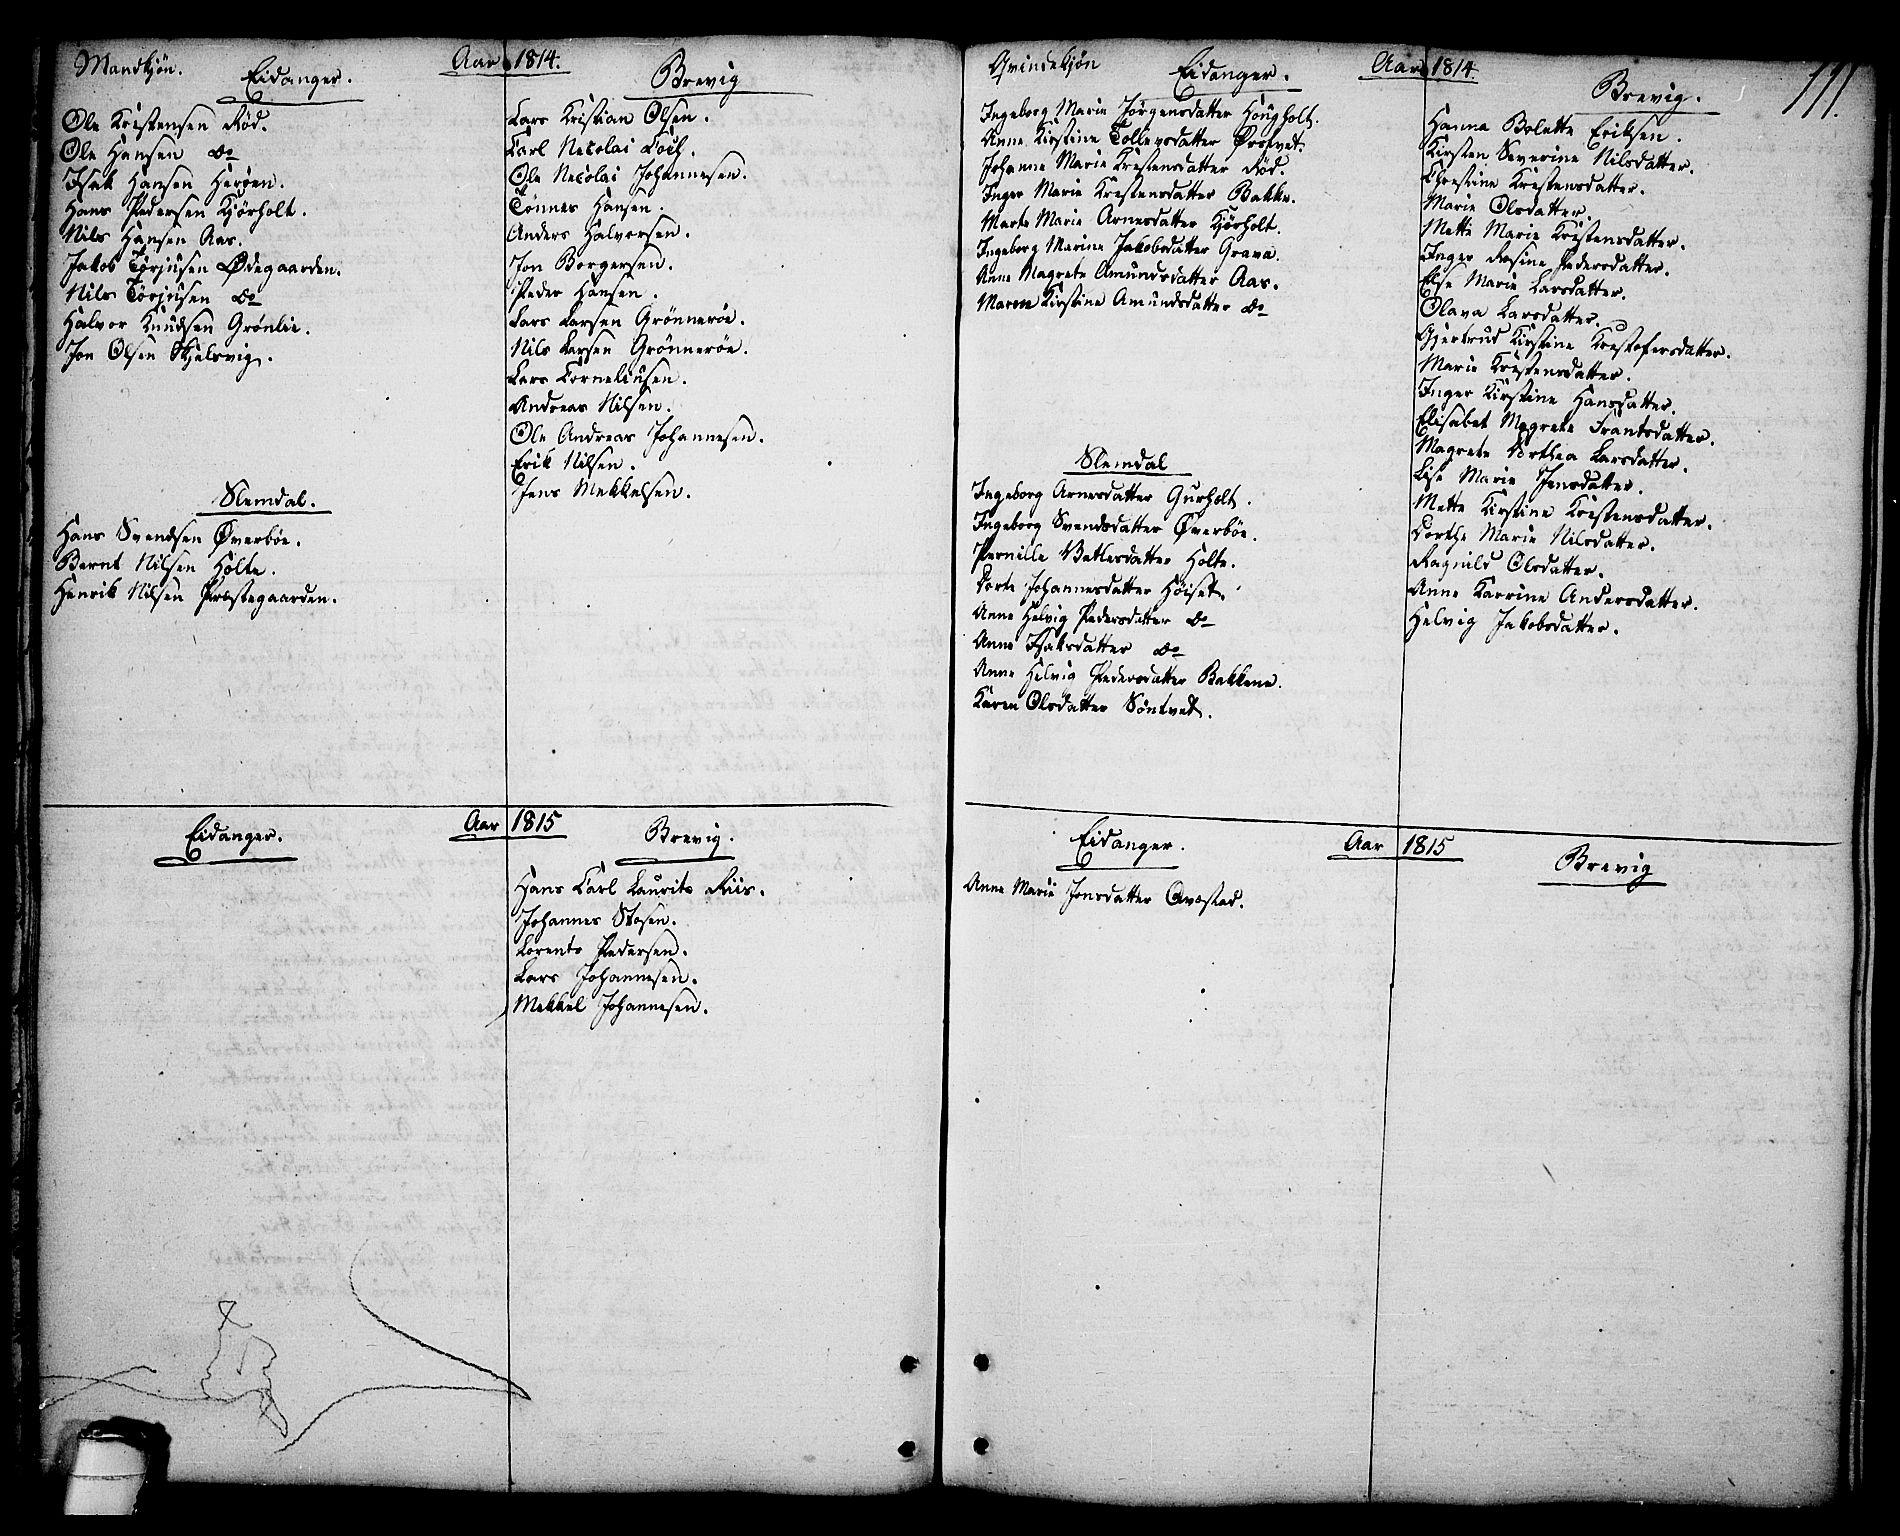 SAKO, Brevik kirkebøker, F/Fa/L0003: Ministerialbok nr. 3, 1764-1814, s. 111